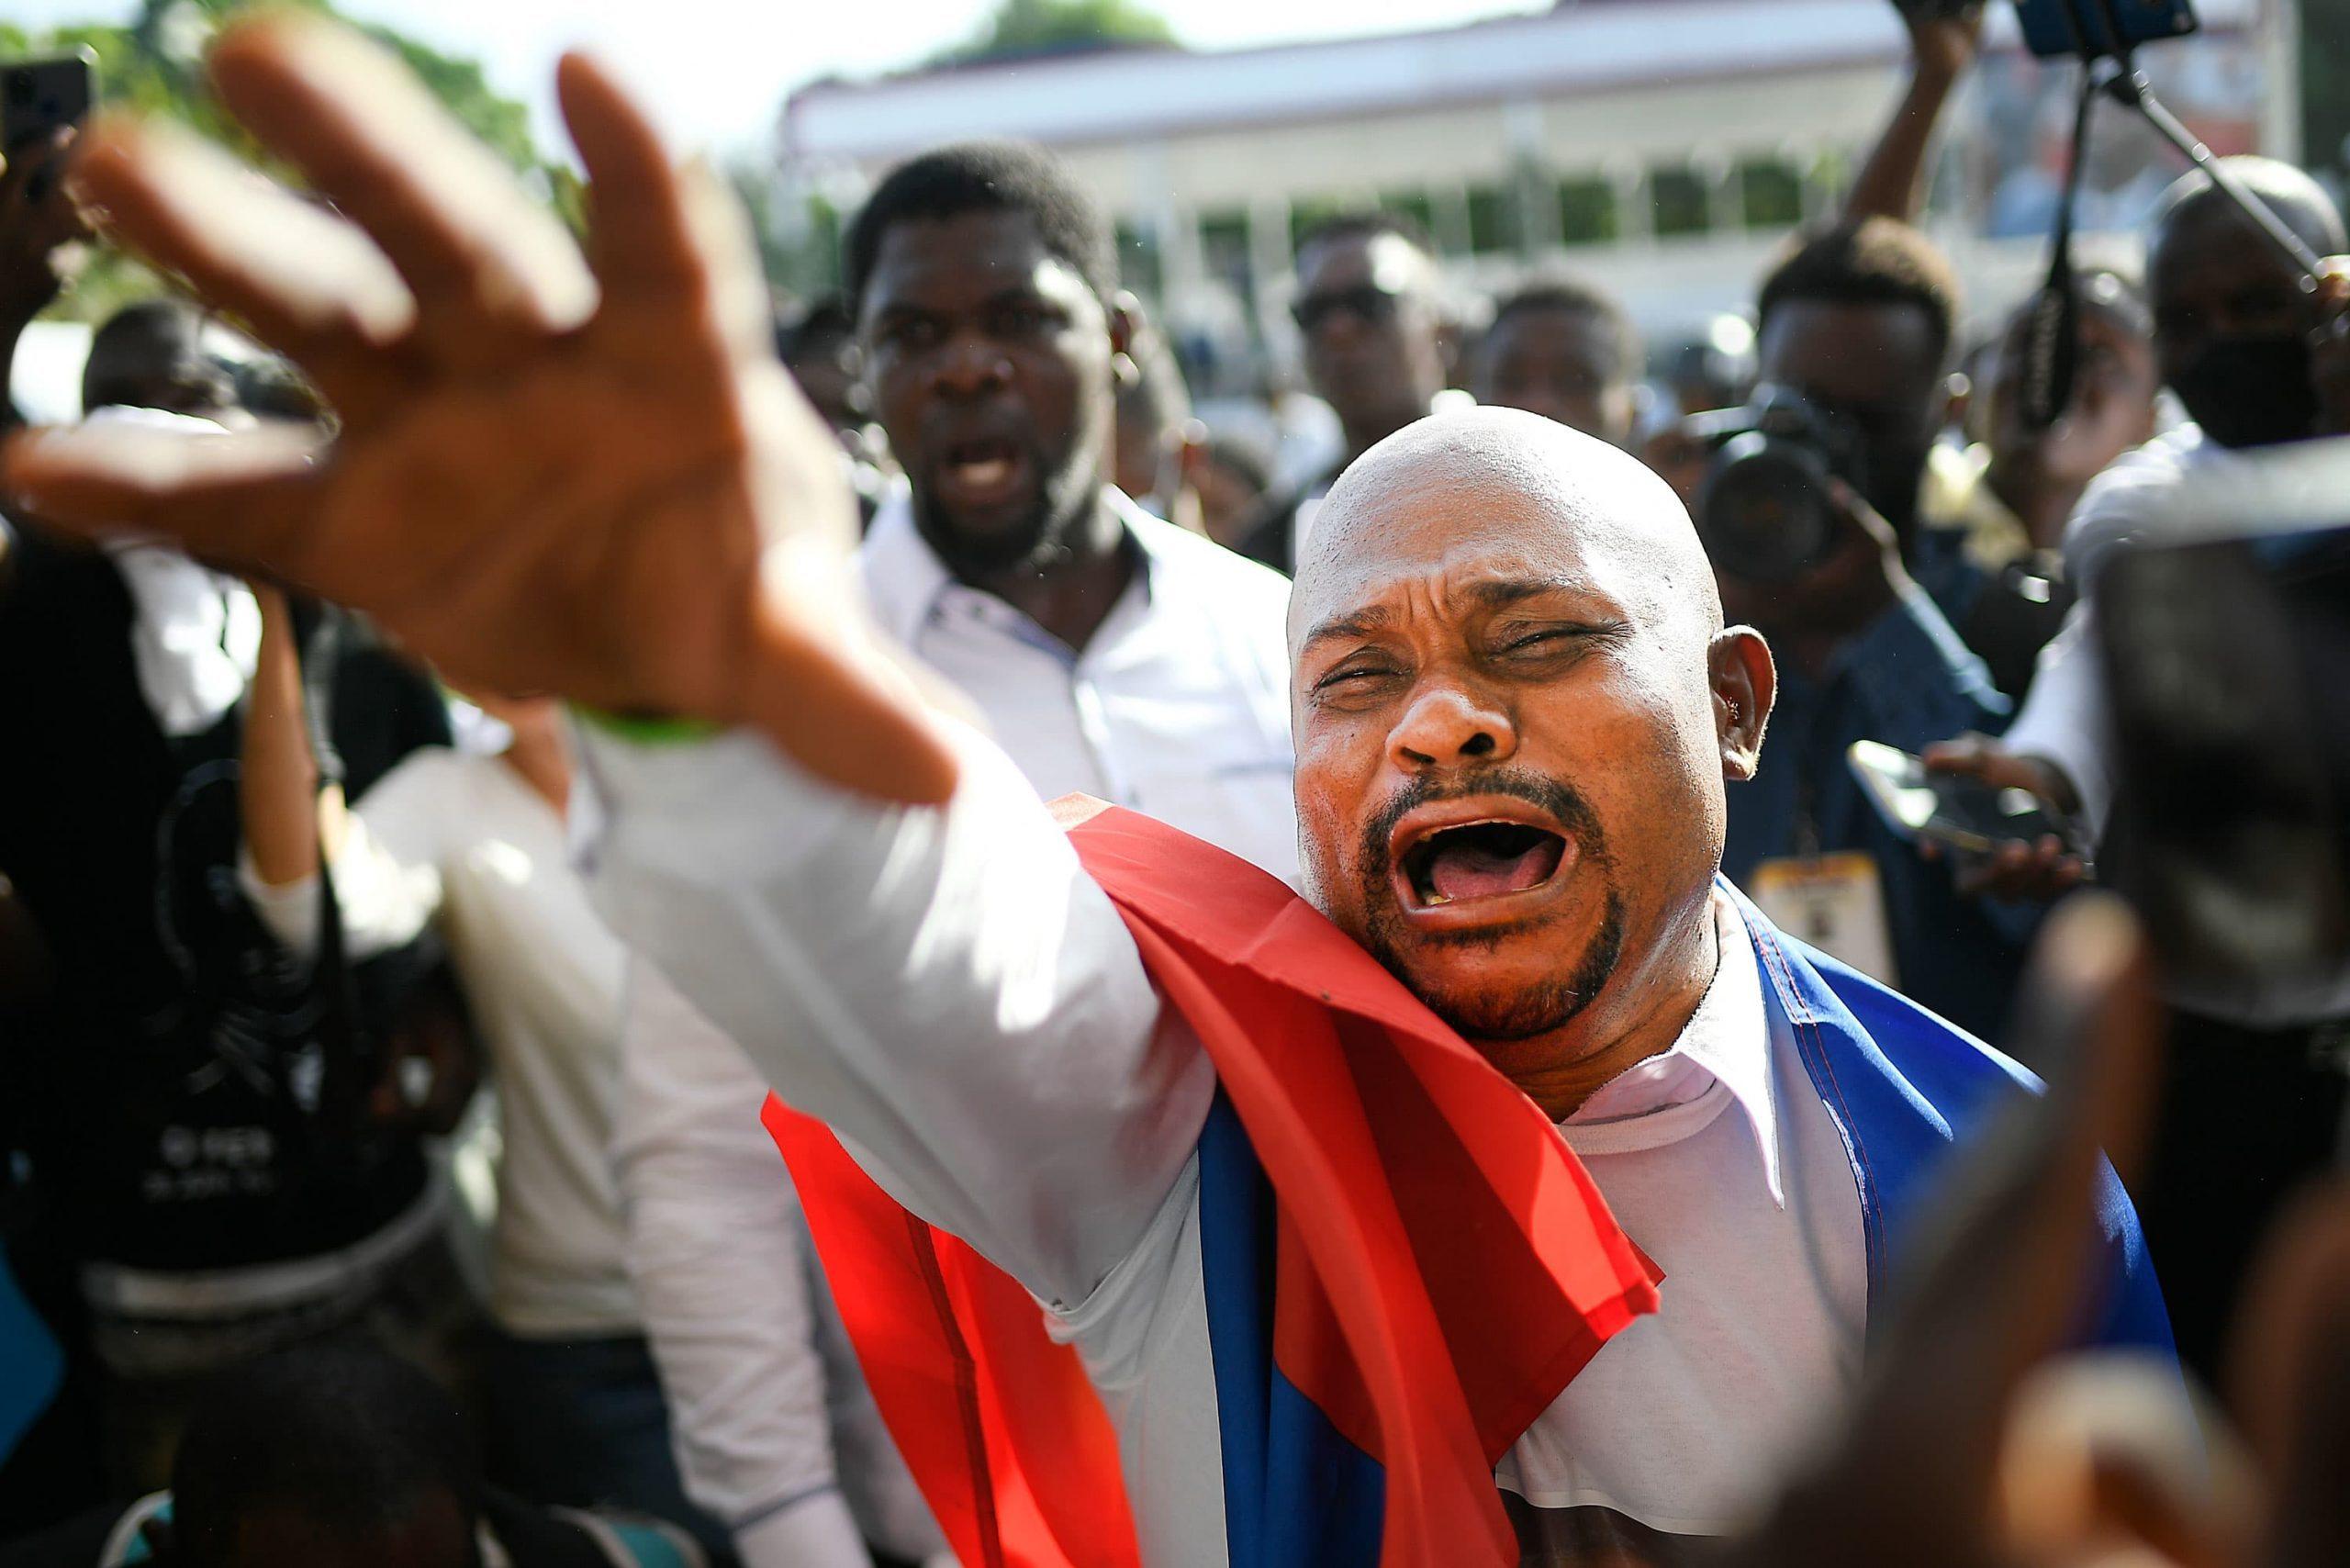 Delegación de Estados Unidos acorta viaje a Haití después de reportes de disparos en el funeral del presidente